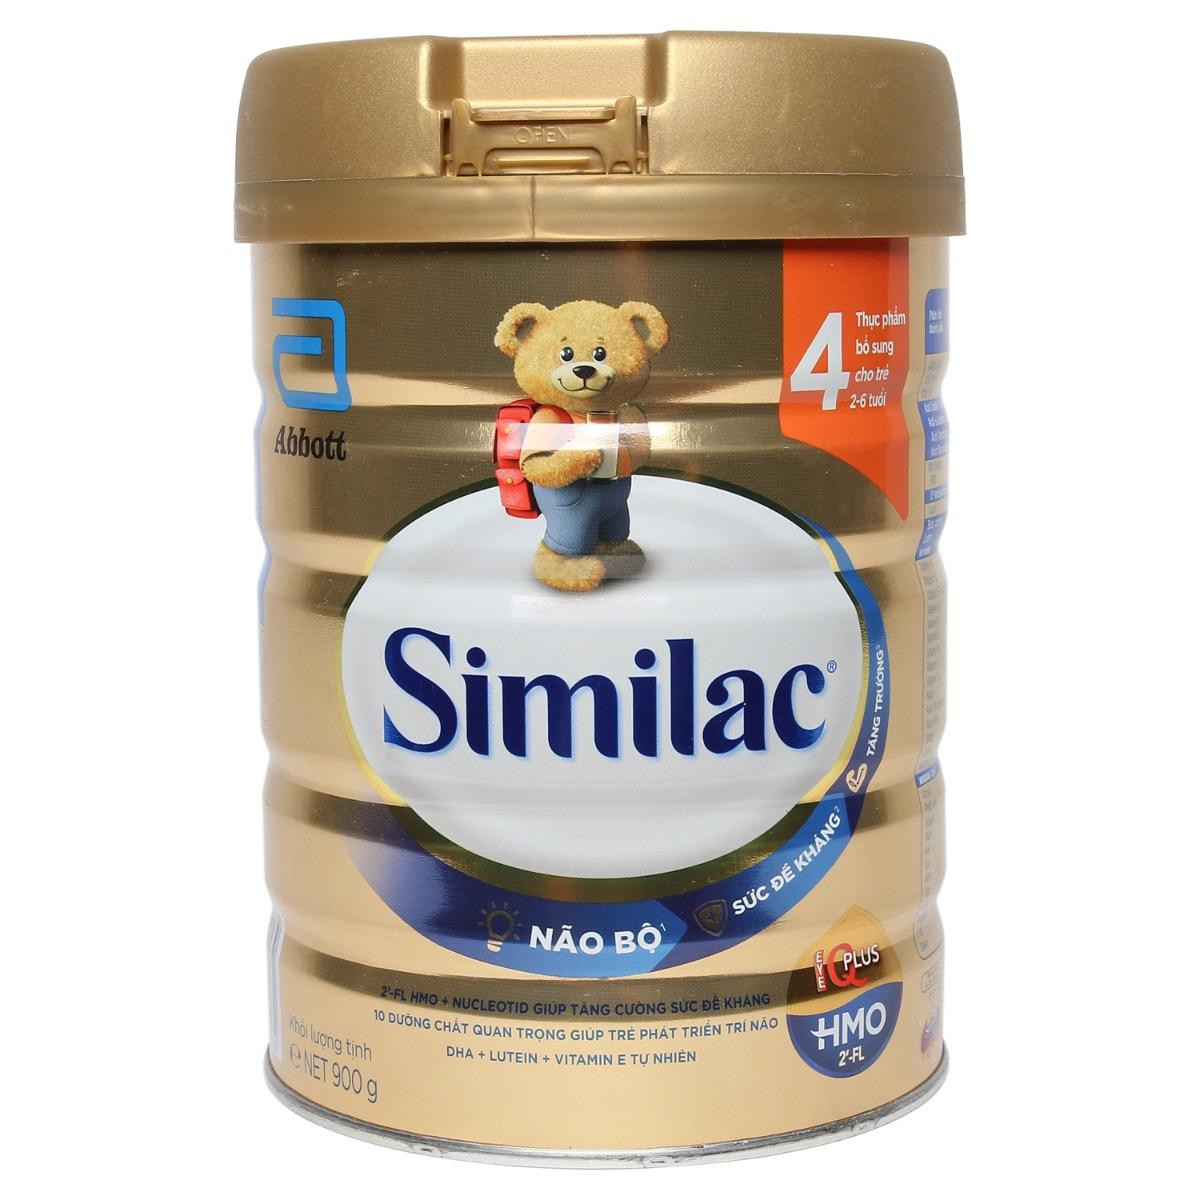 Sữa Similac HMO IQ Plus số 4 hương vani 900g (2 - 6 tuổi)